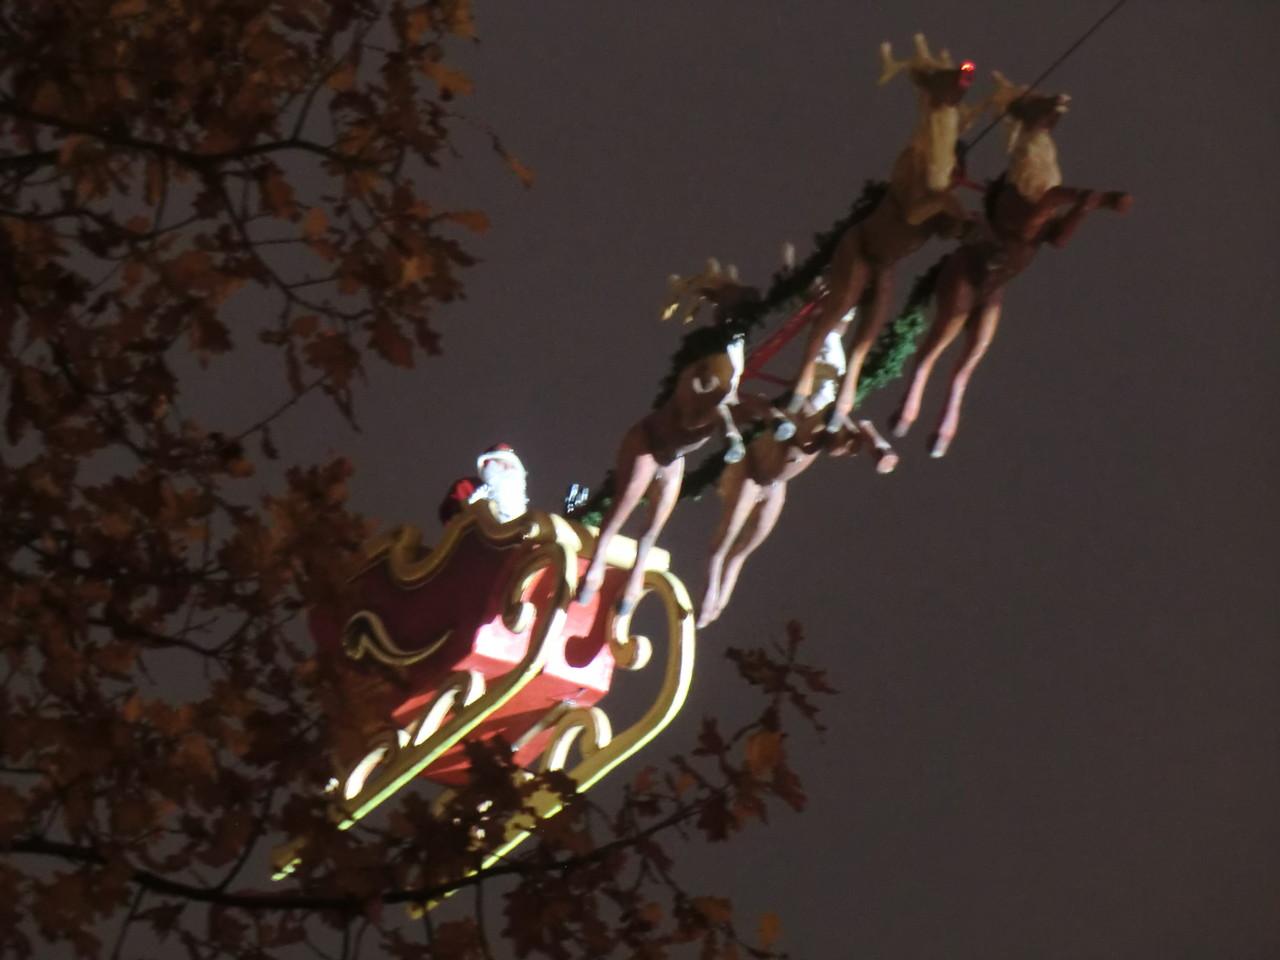 pünktlich 18.00 Uhr schwebt der Weihnachtsmann mit seinen Rentieren ein